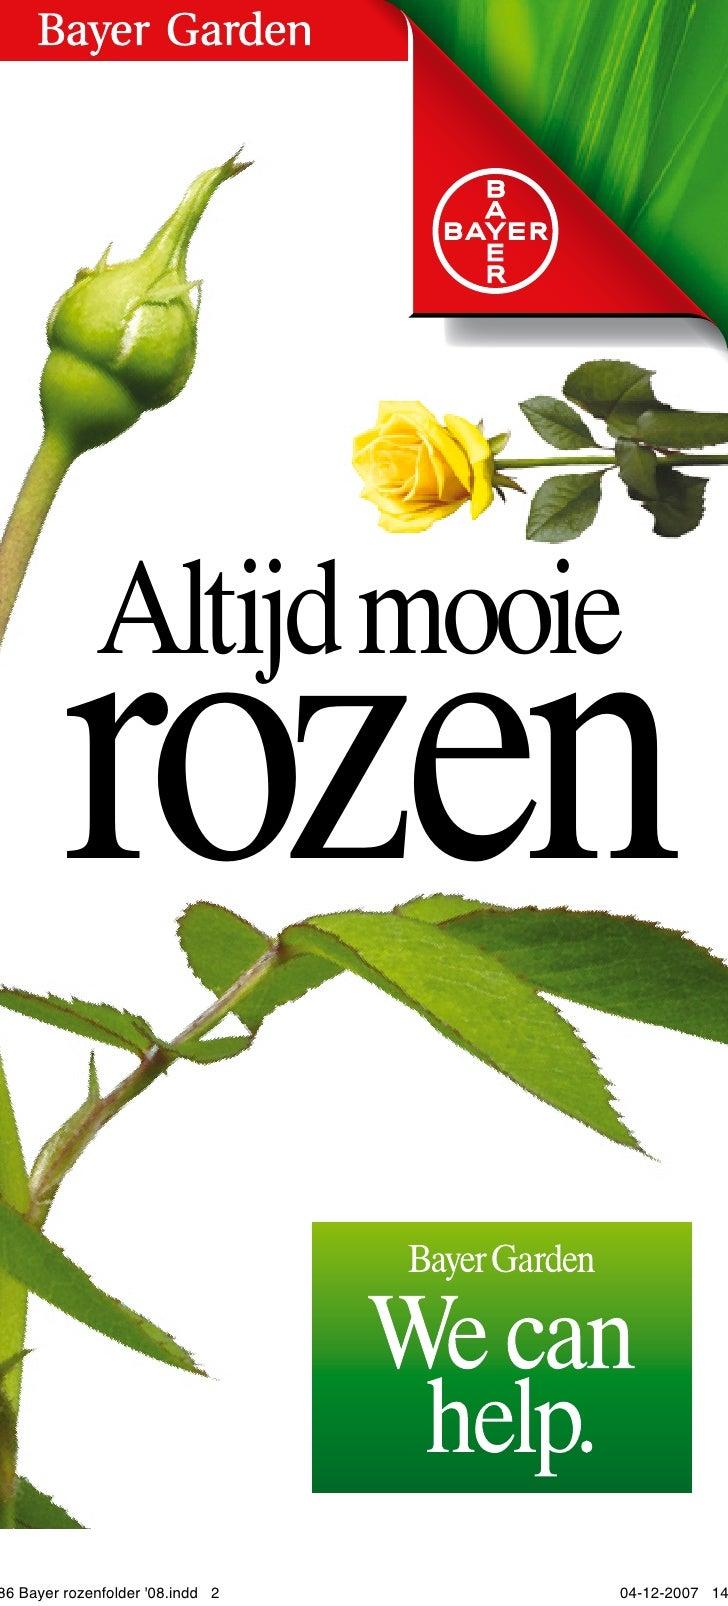 Altijd mooie         rozen  86 Bayer rozenfolder '08.indd 2   04-12-2007 14